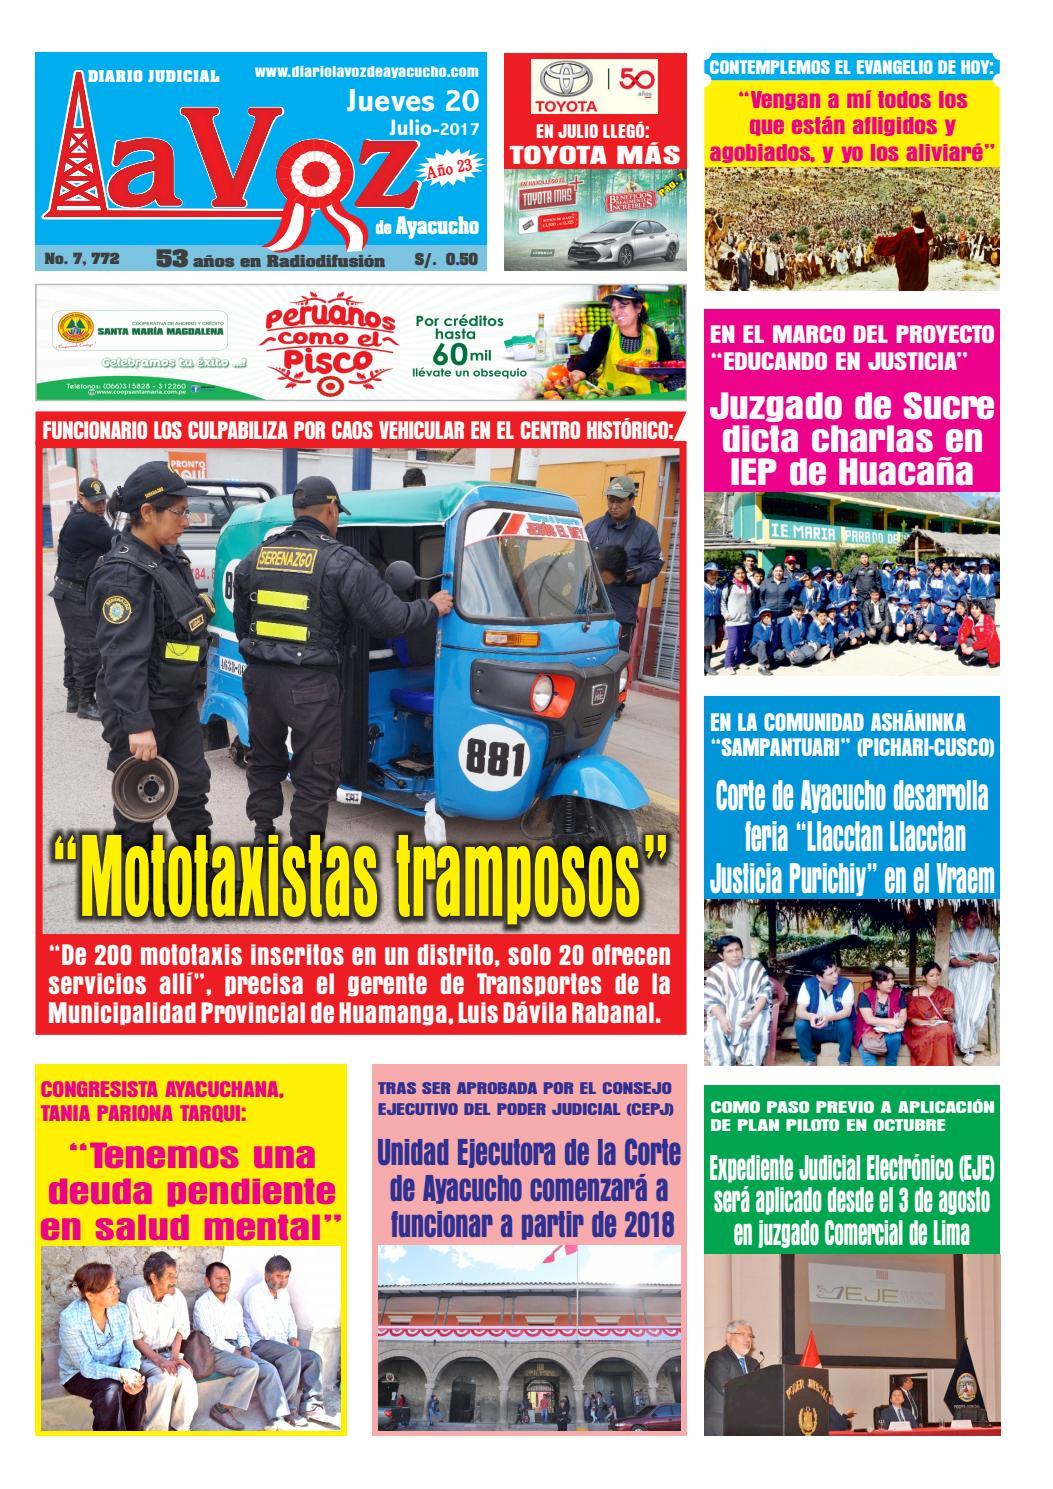 Edicion J 7772 Jueves 20 Julio 2017 By Diario La Voz De Ayacucho